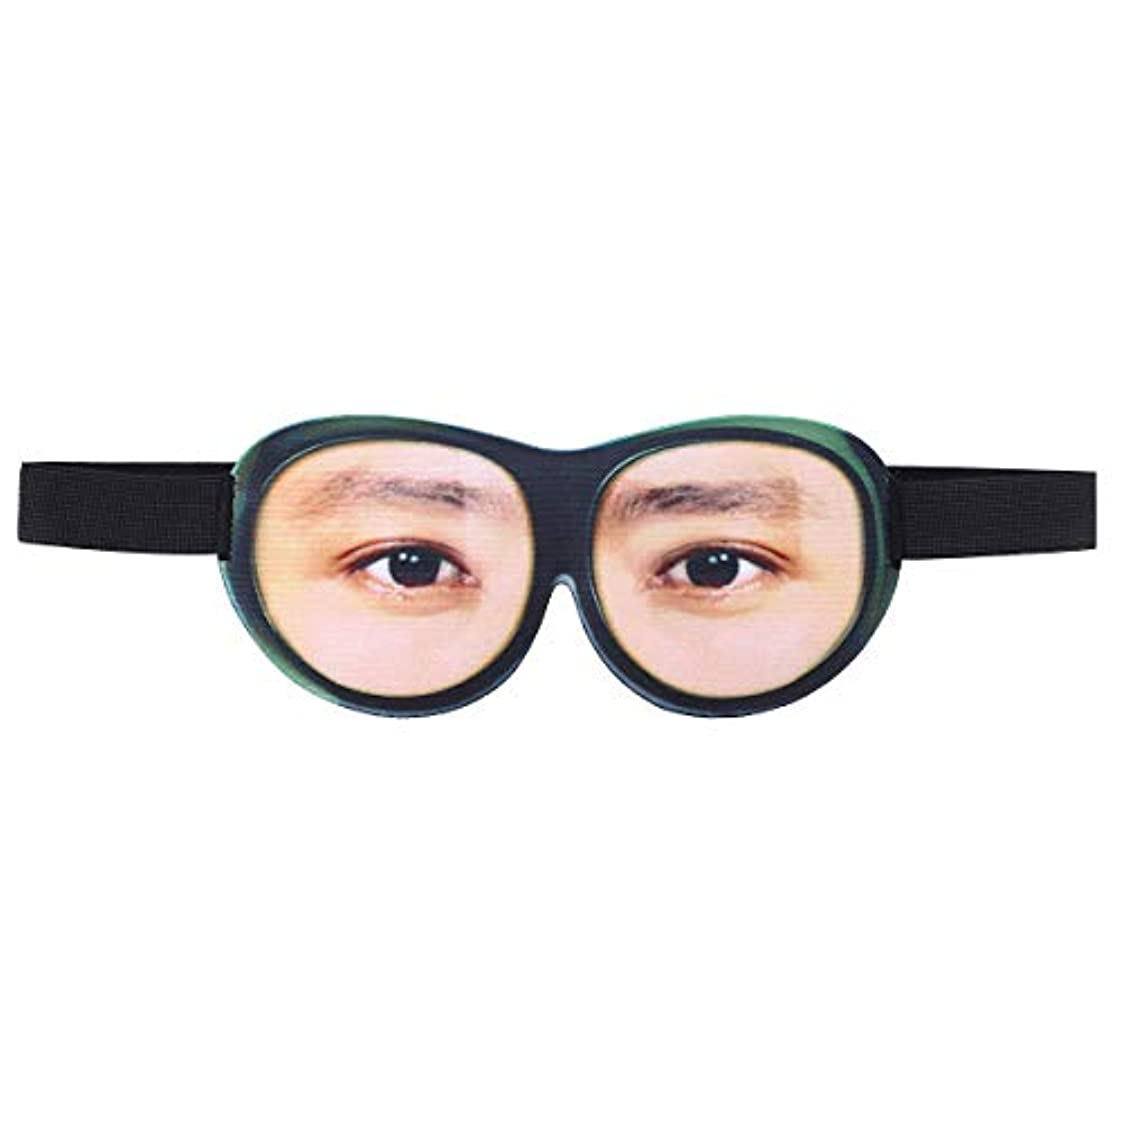 保守的磁気フィードオンHealifty 3D面白いアイシェード睡眠マスク旅行アイマスク目隠し睡眠ヘルパーアイシェード男性女性旅行昼寝と深い眠り(男になりすまし)